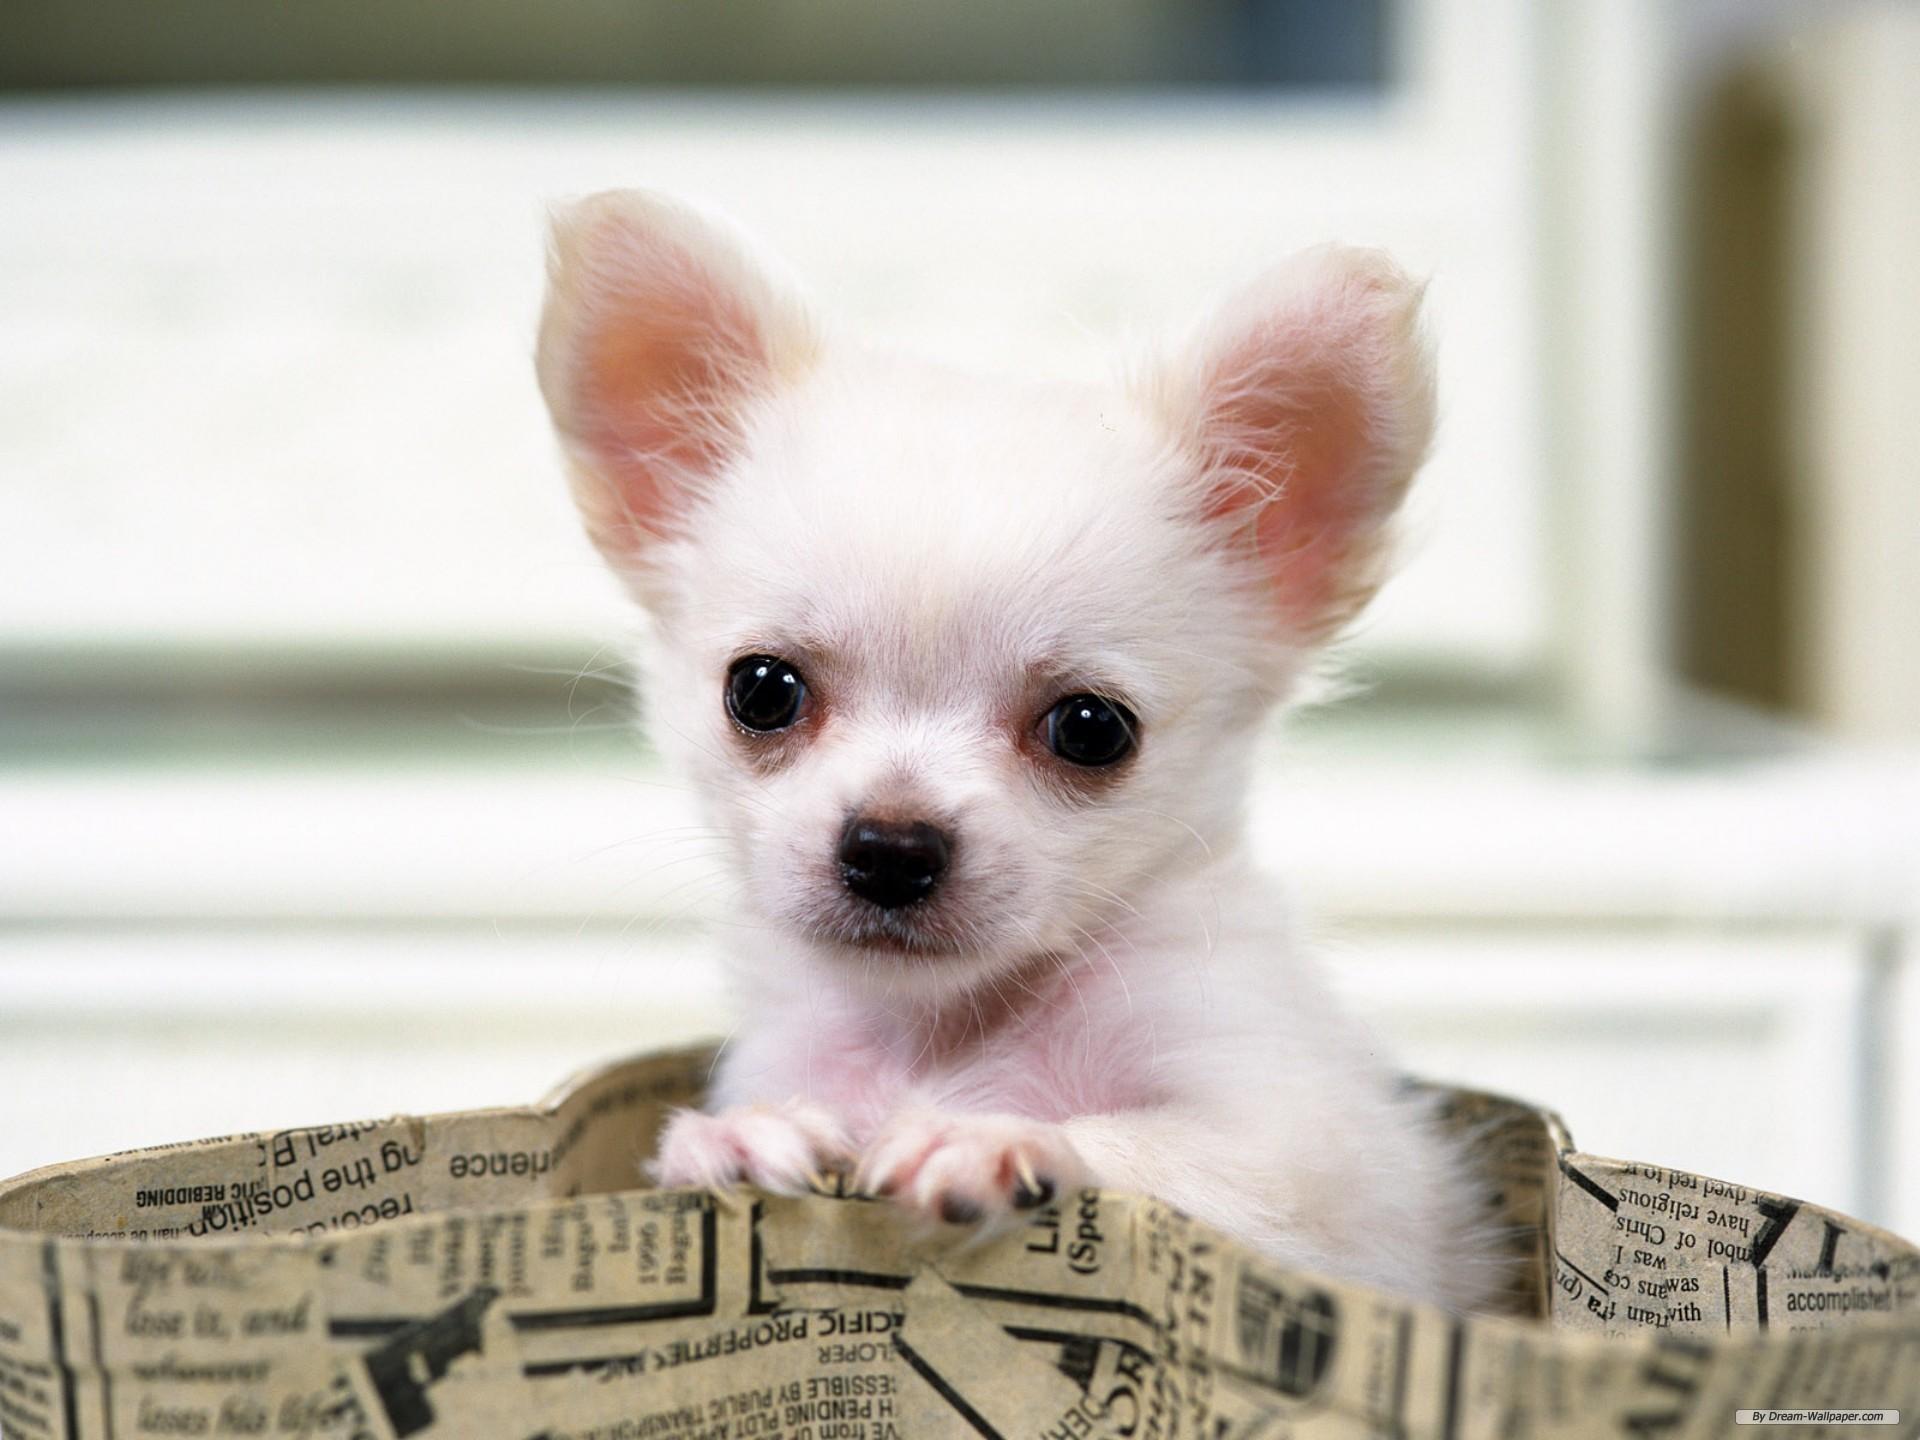 Sfondi cani chihuahua hd sfondi hd gratis for Sfondi animali hd